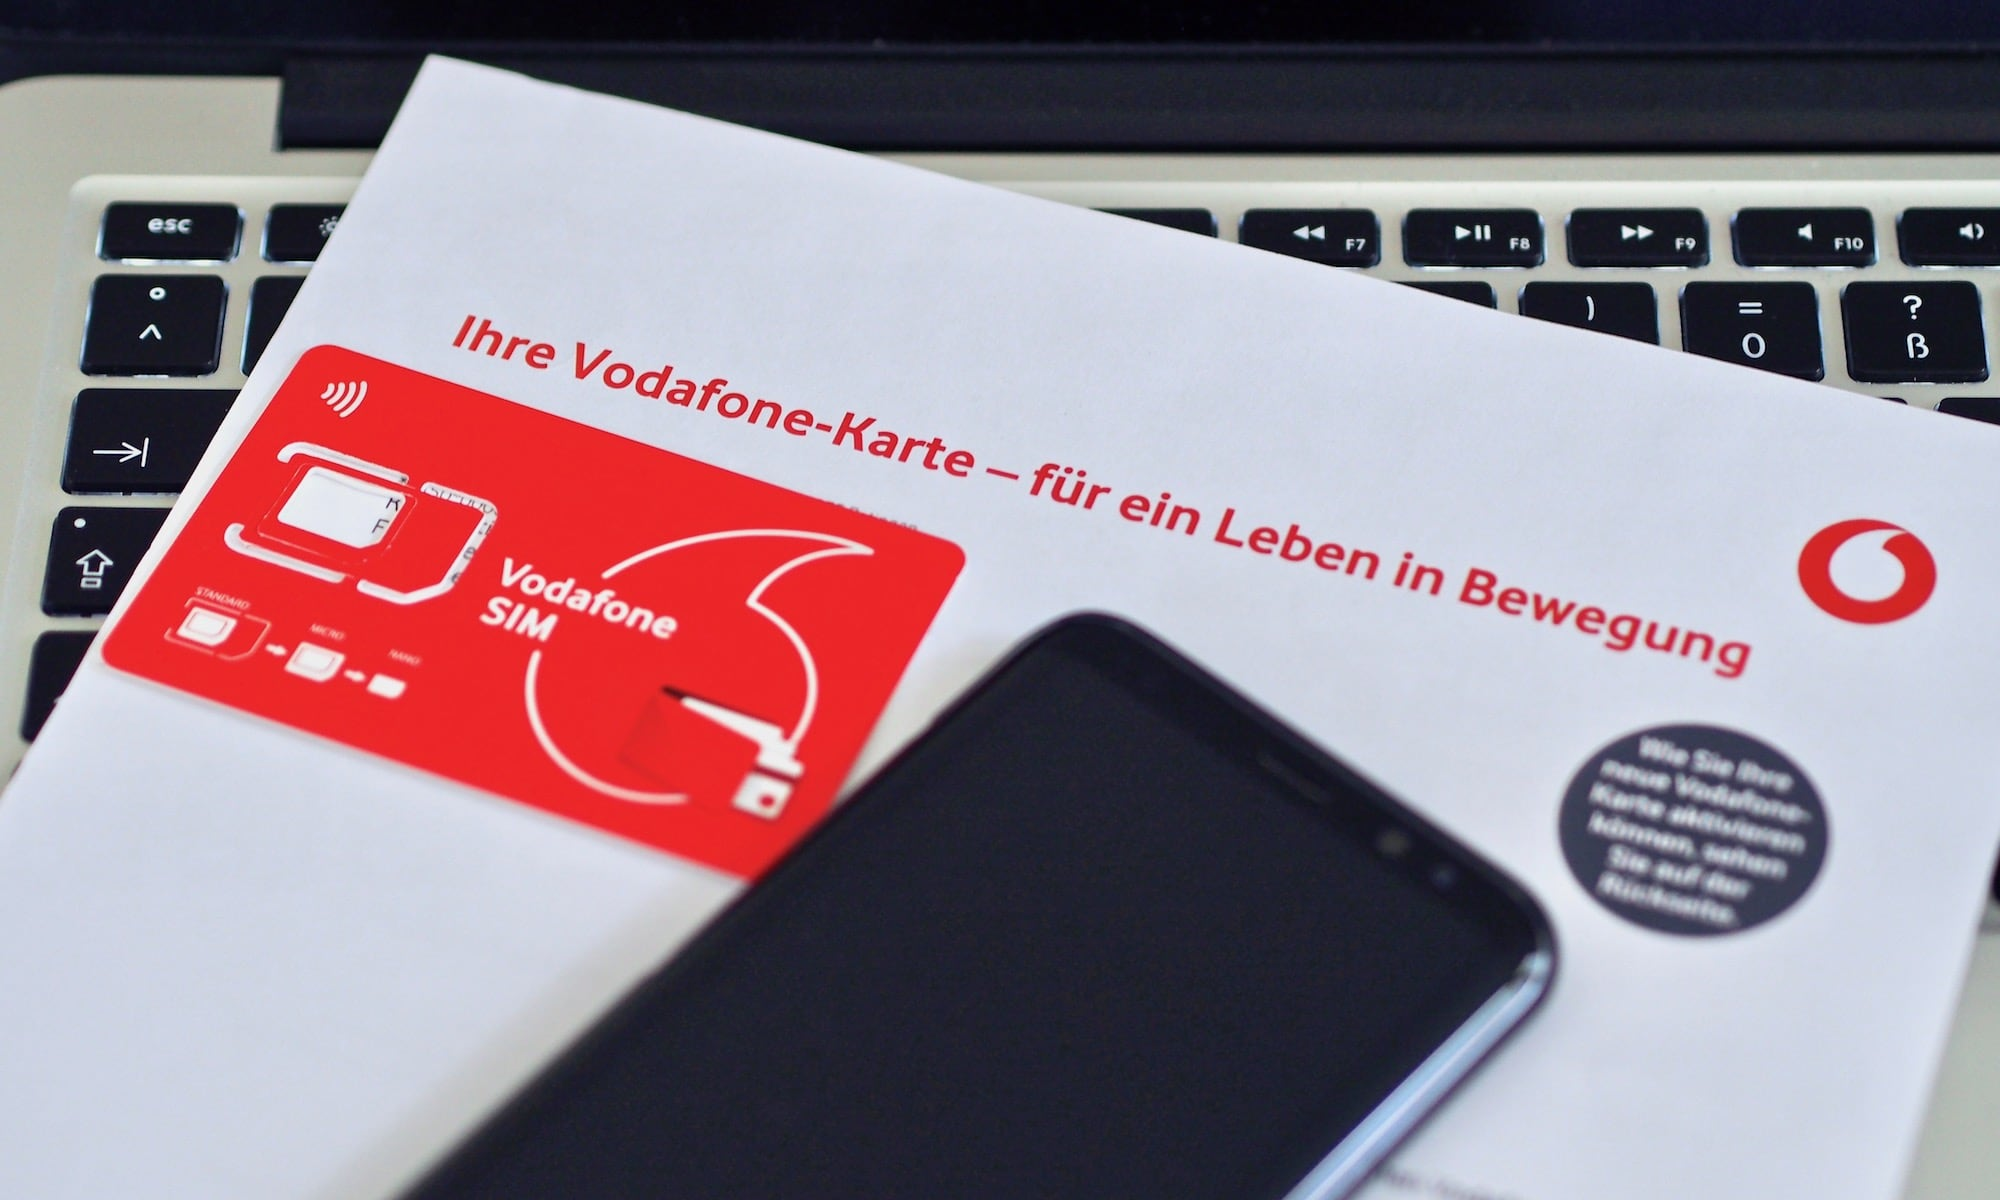 Die neue Vodafone SIM-Karte | Foto: konsensor.de